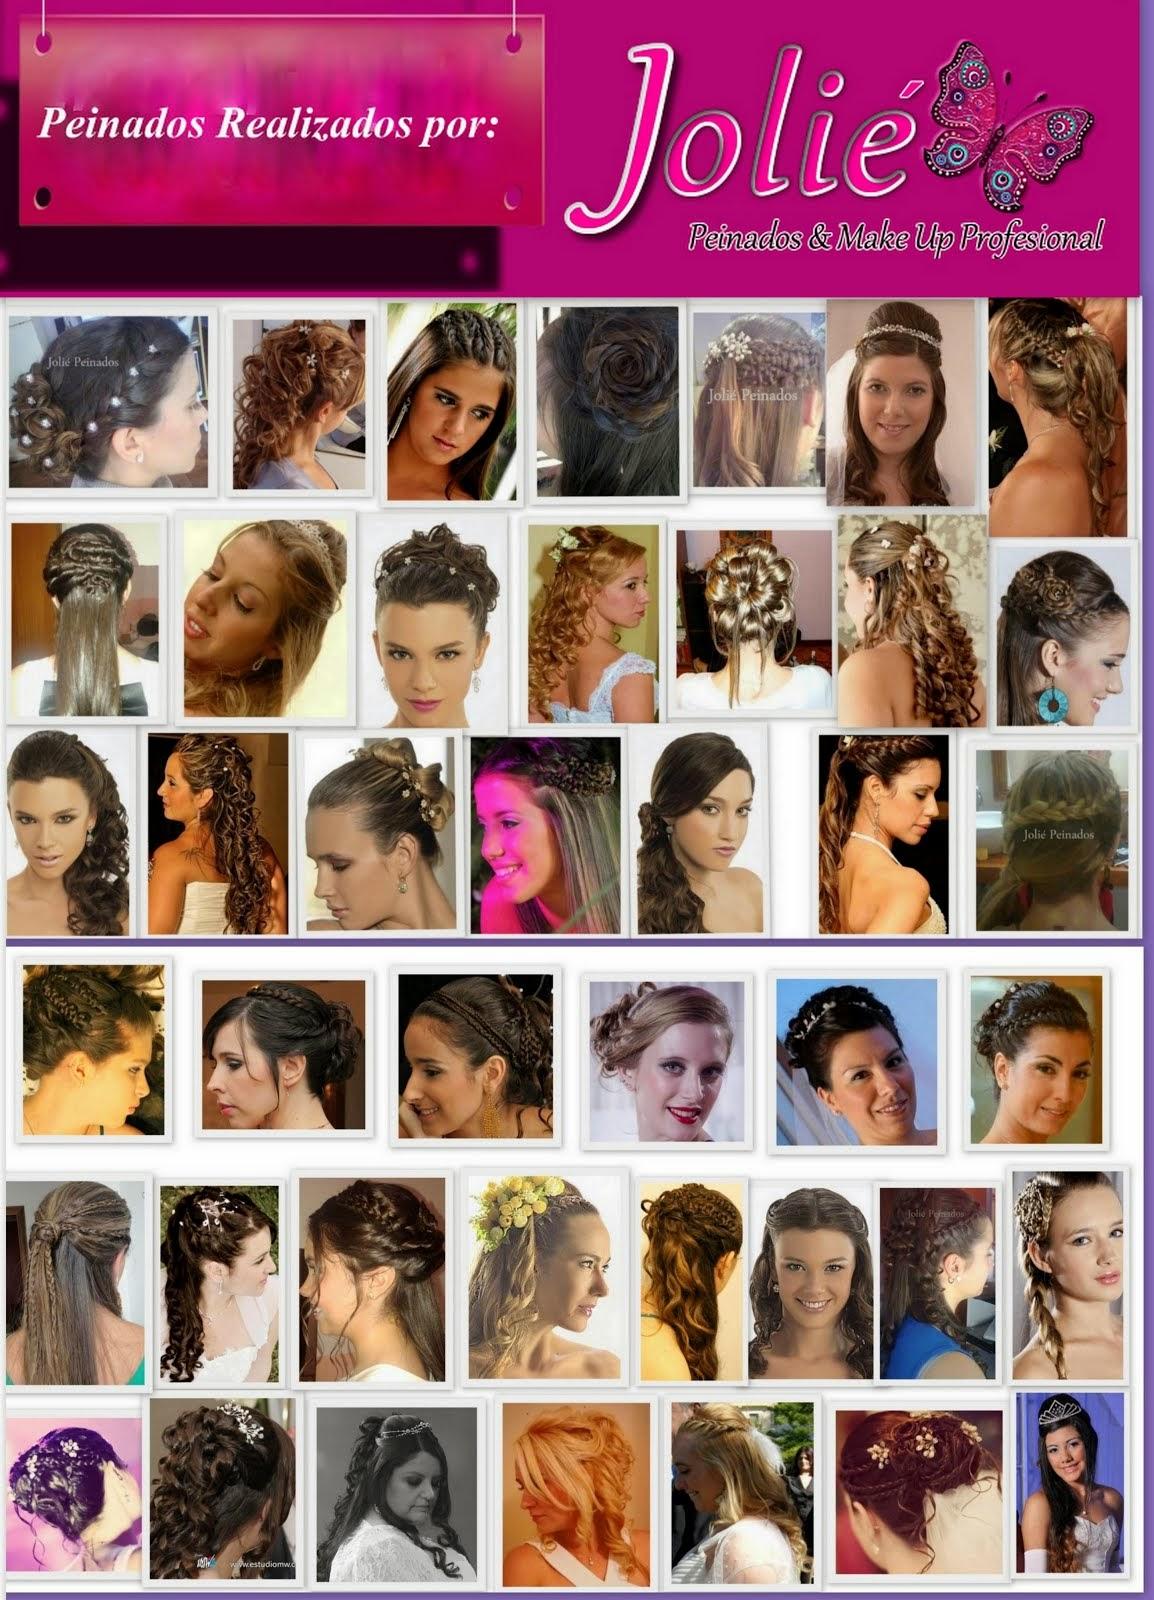 Peinados Jolié